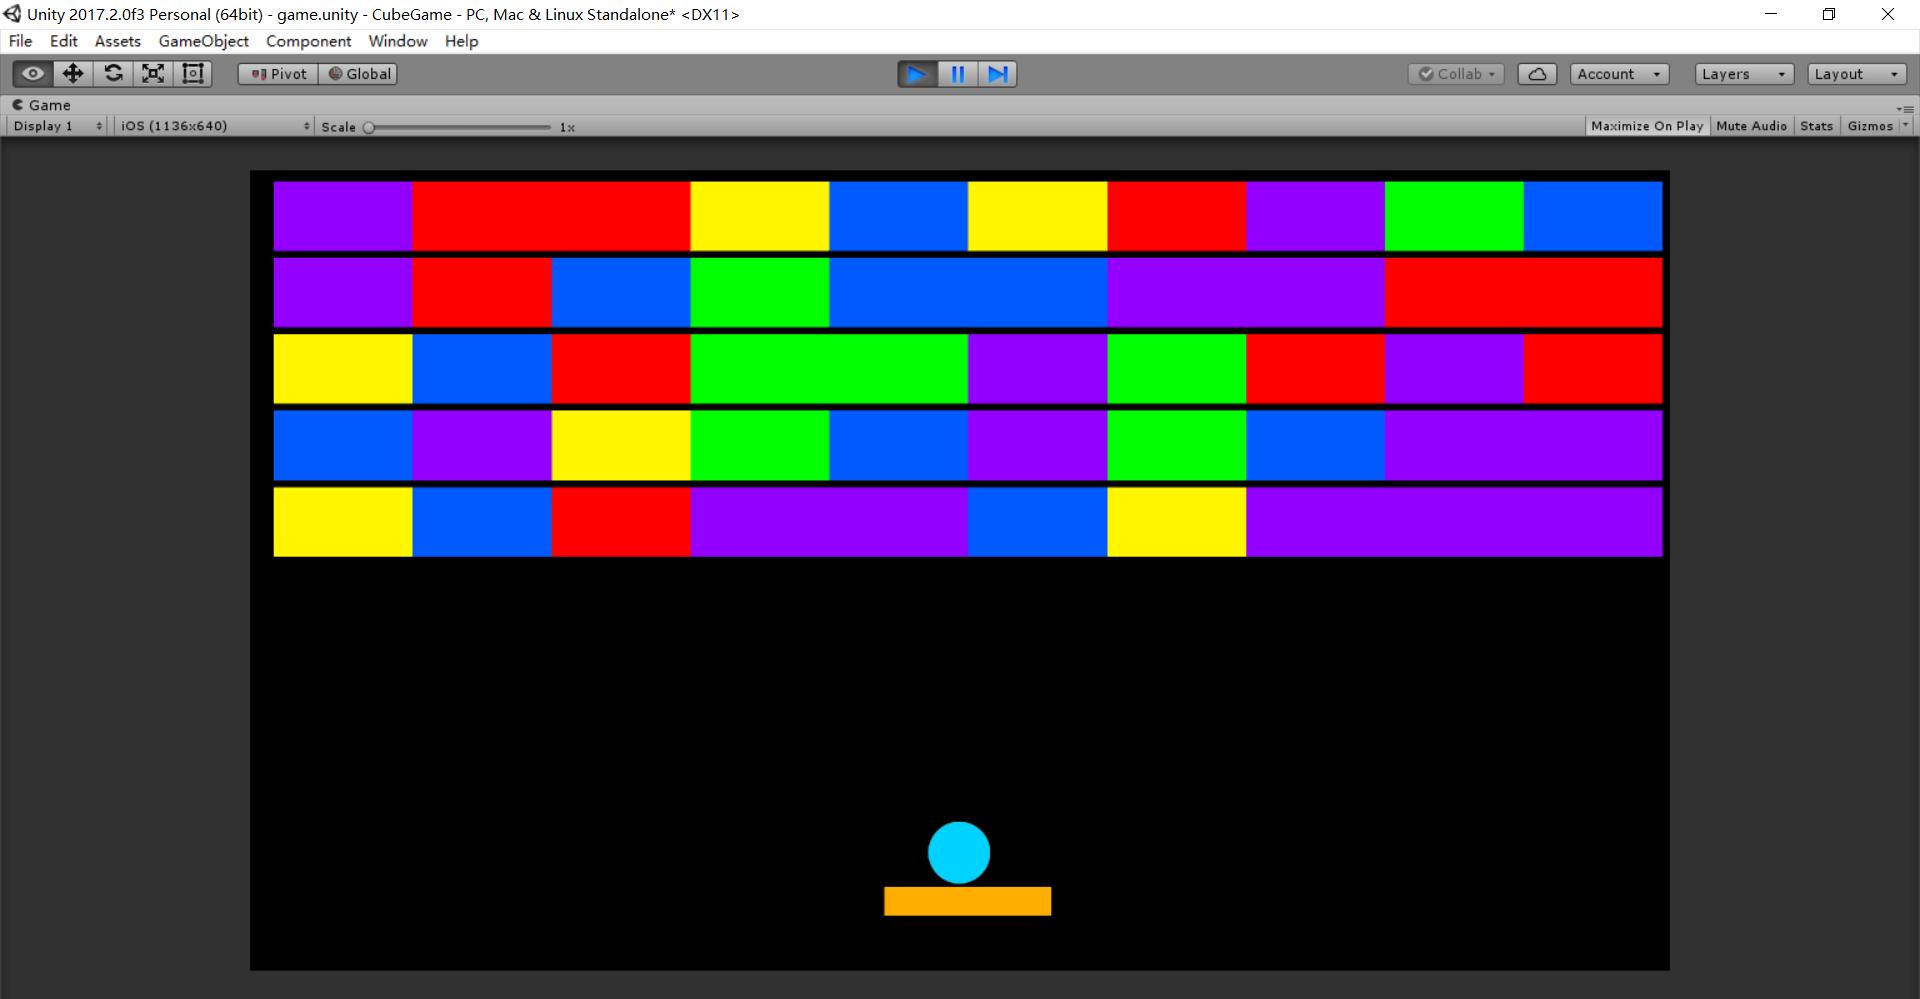 使用Unity引擎开发打砖块游戏